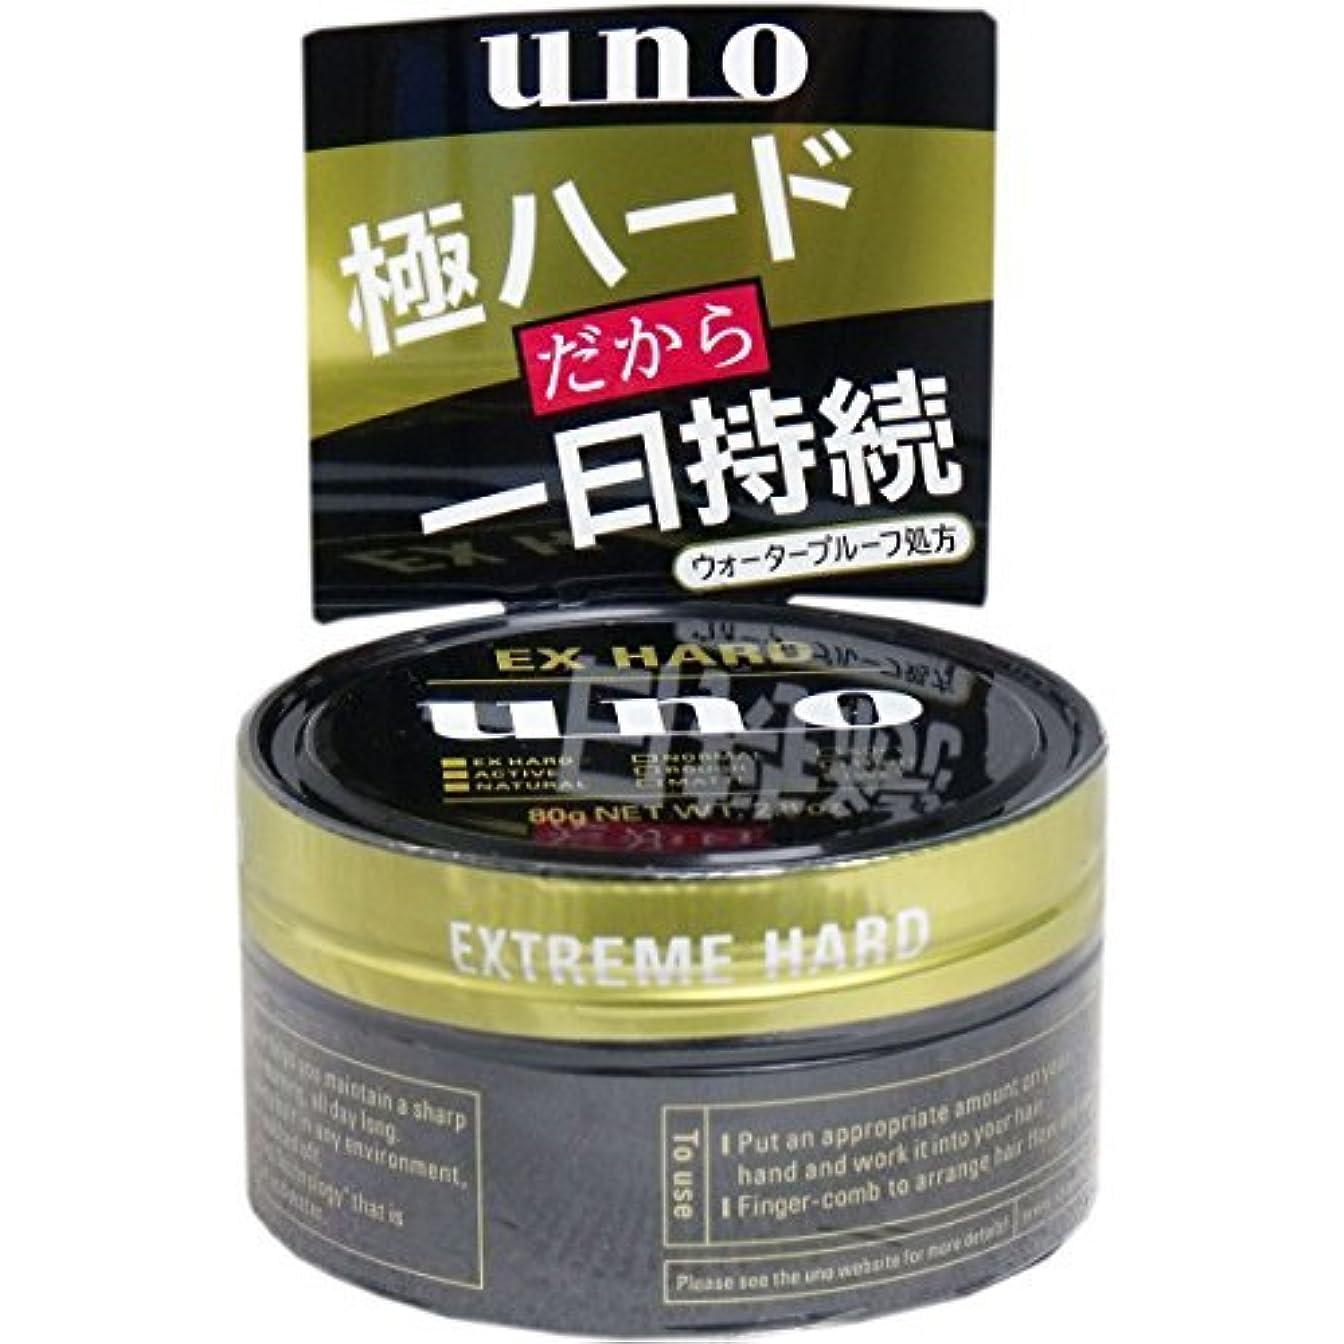 天の器官成功するUNO(ウーノ) エクストリームハード 整髪料 80g